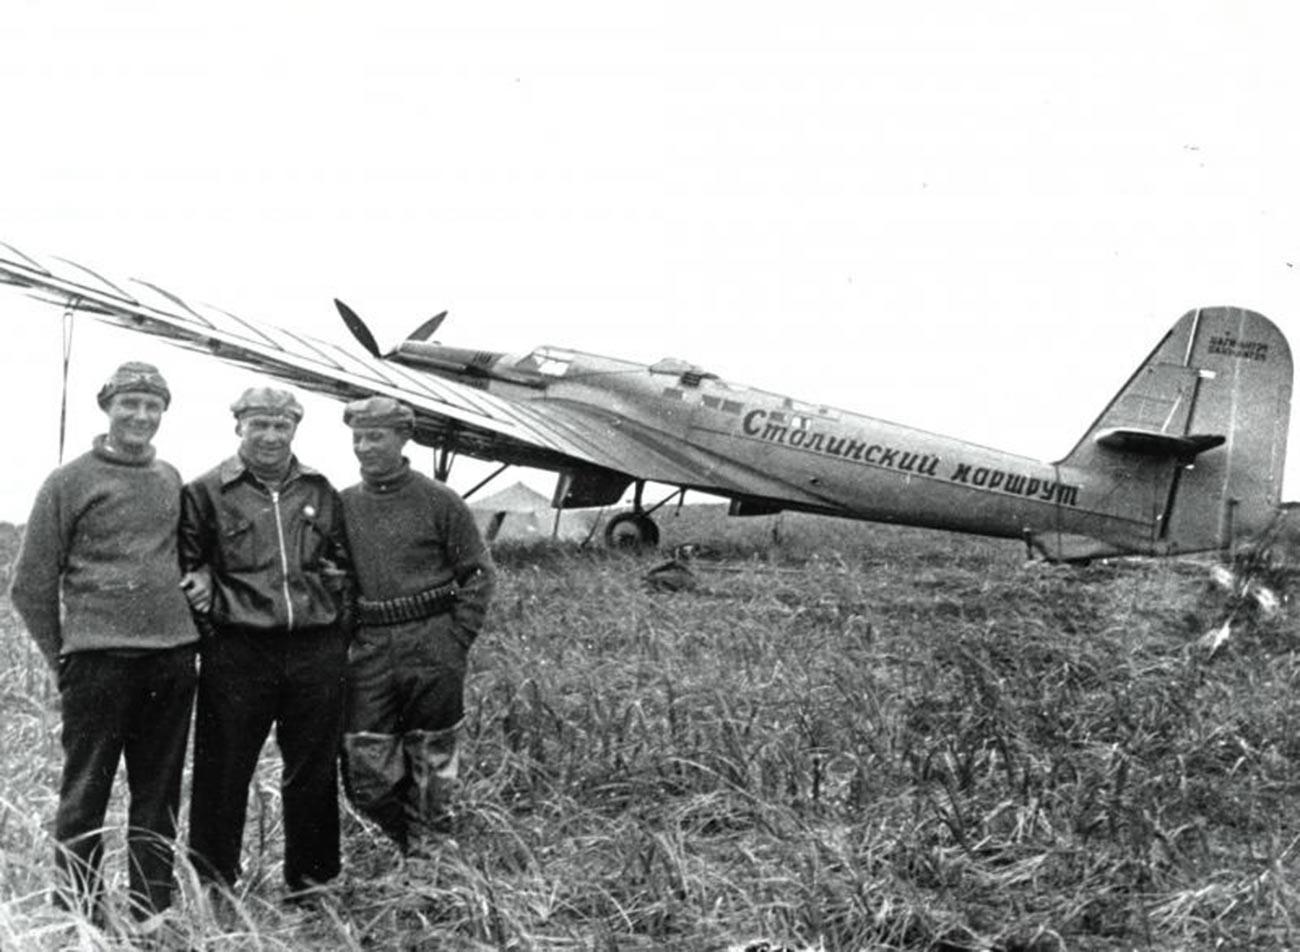 アレクサンドル・ベリャコフ、ワレリー・チカロフ、ゲオルギー・バイドゥコフ